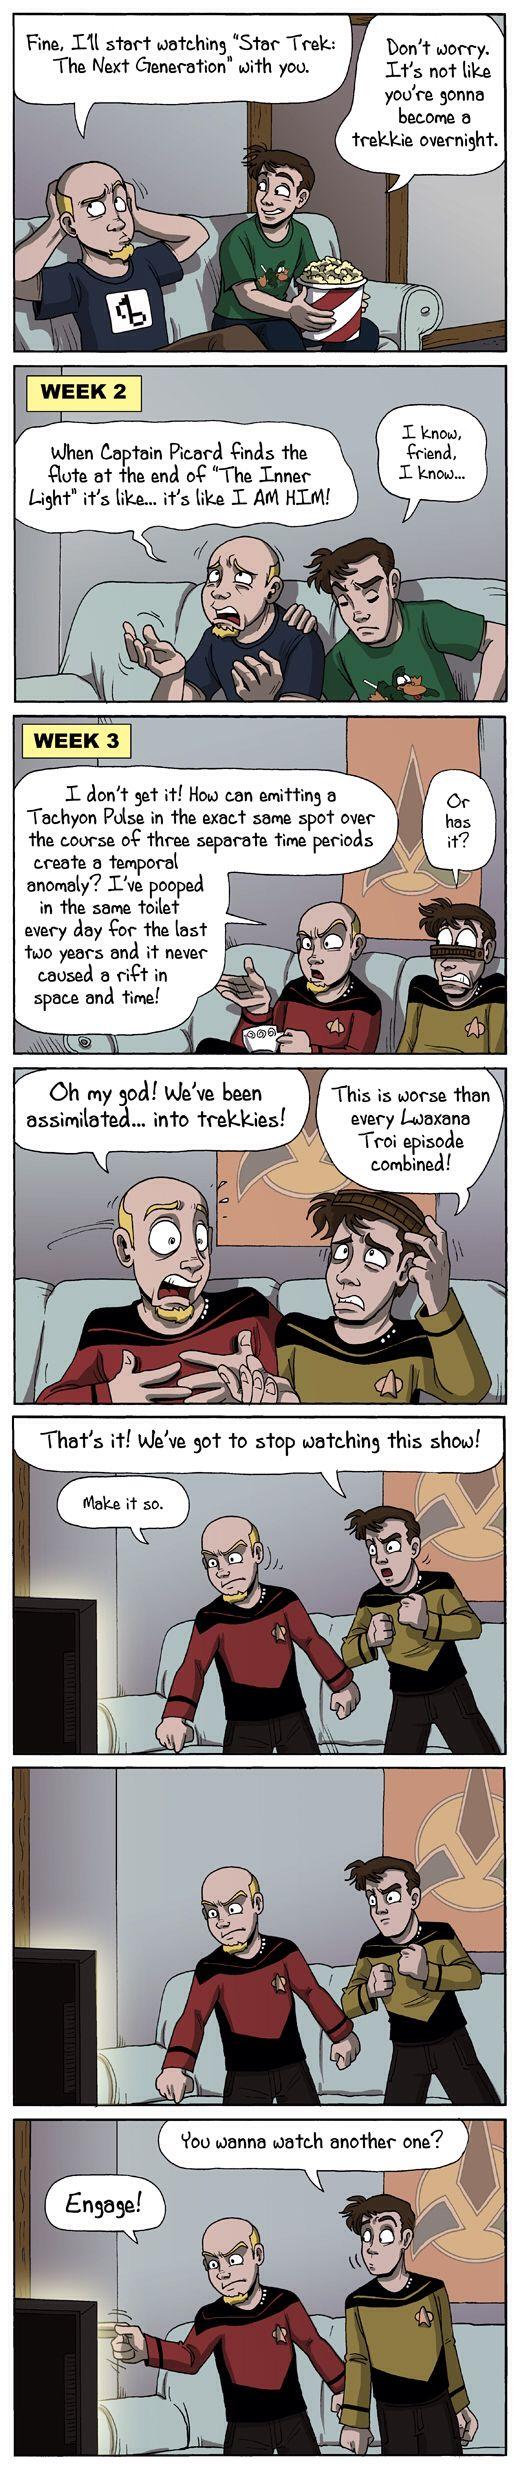 How regular people become Trekkies. Star Trek